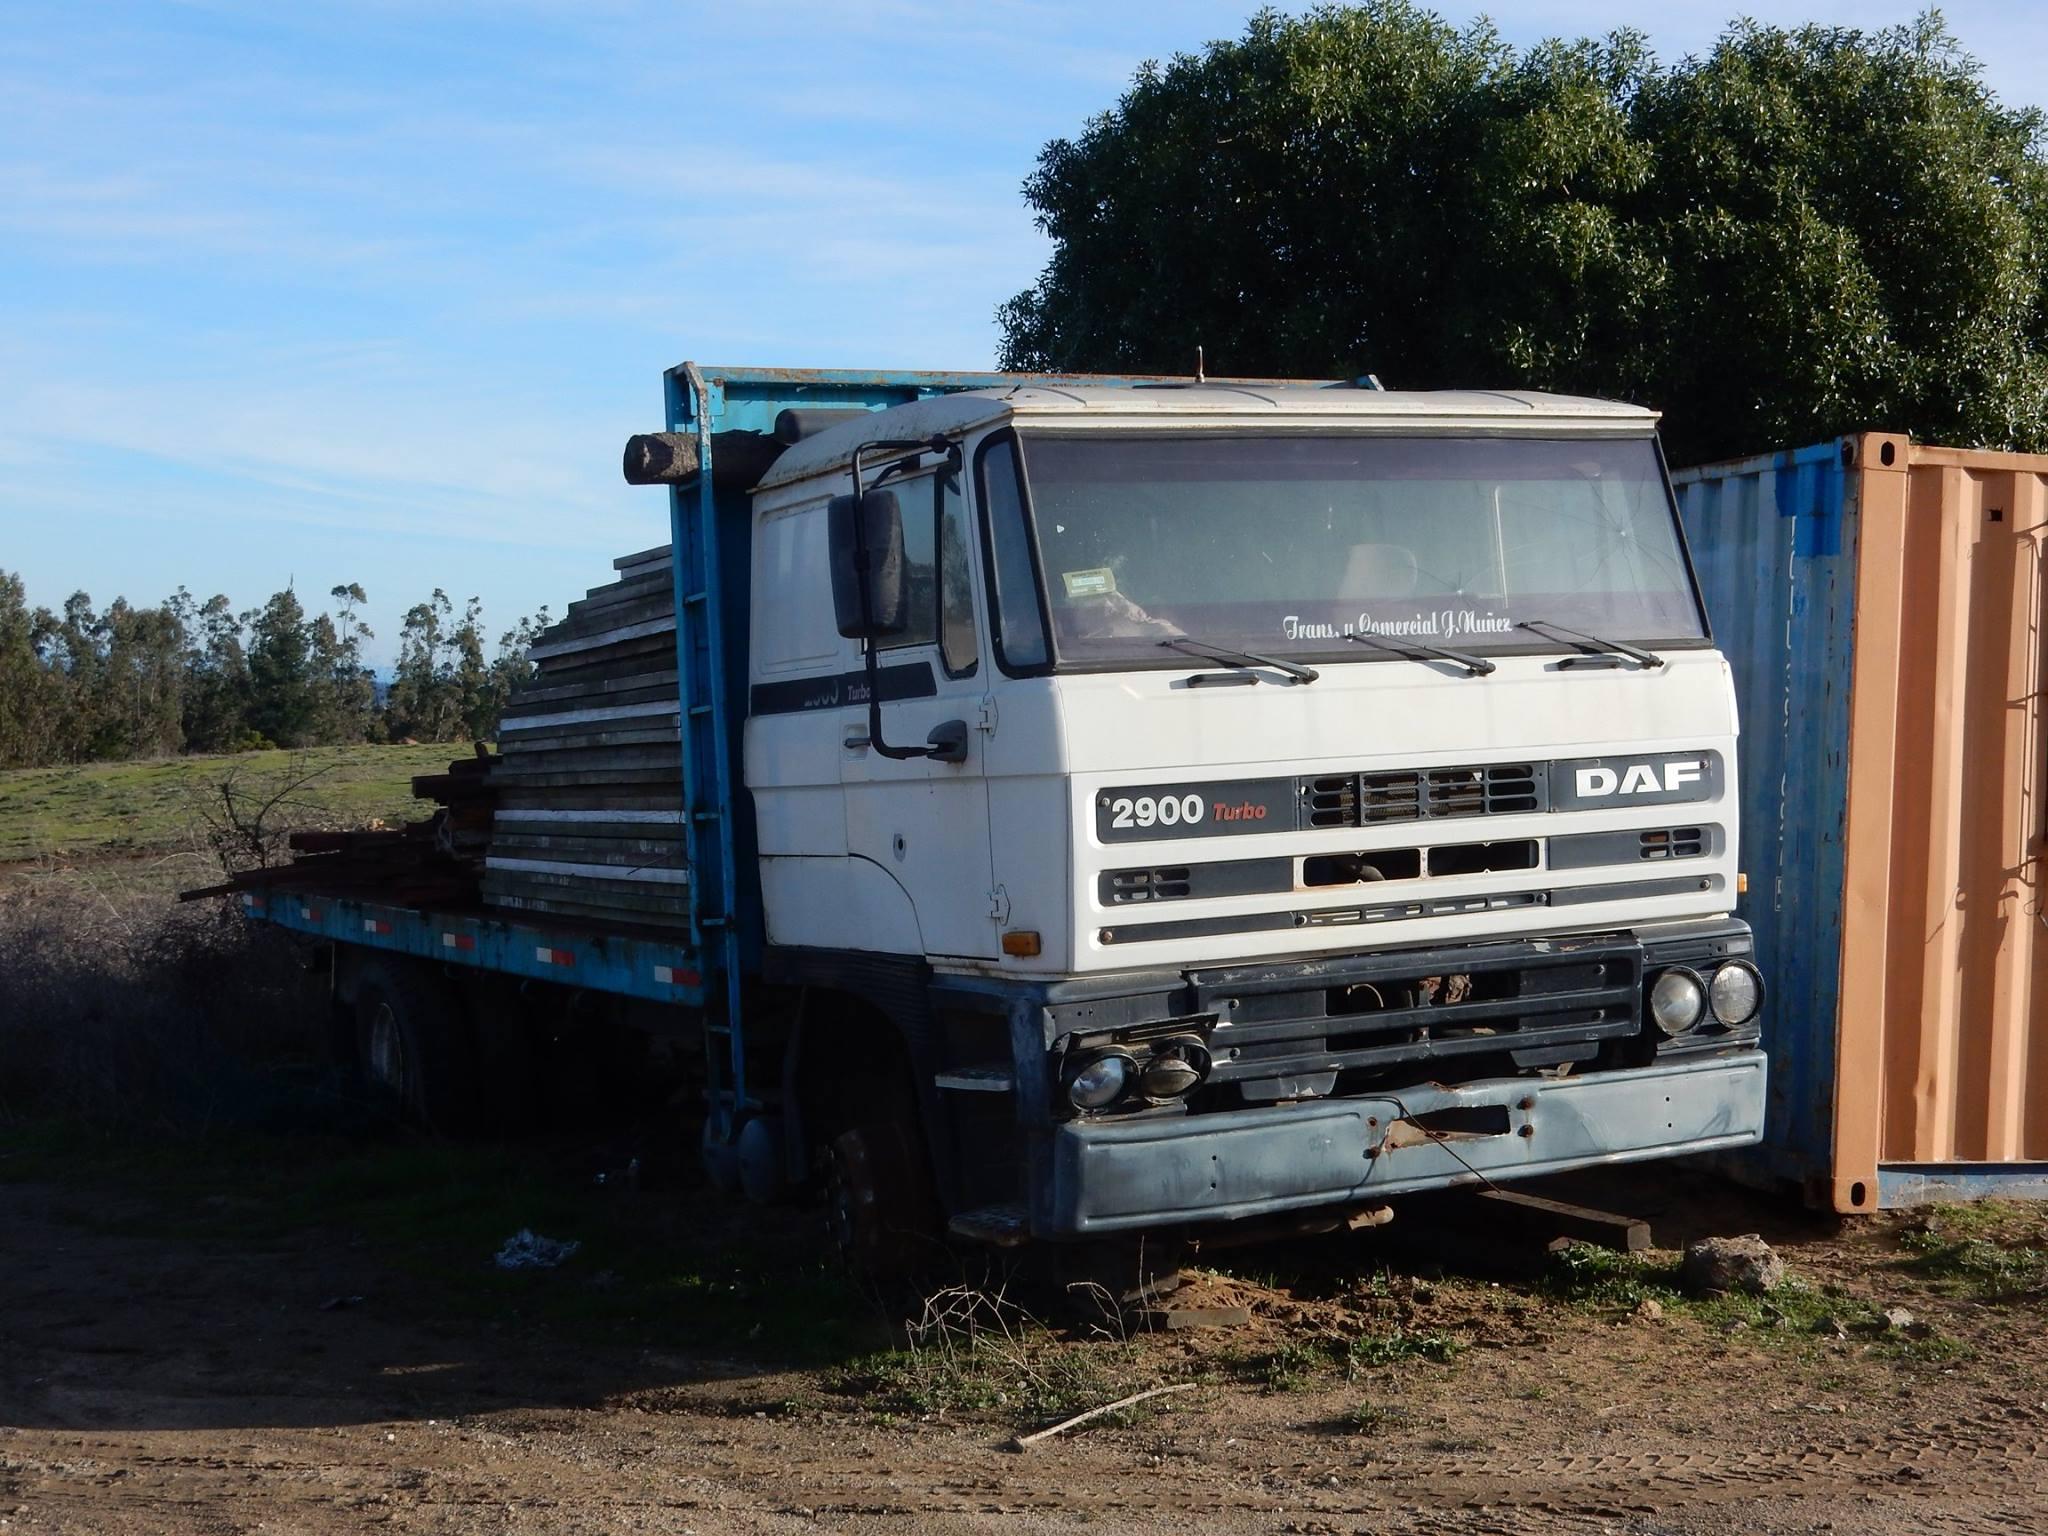 Camiones-vieja-escuela-olvidados-67